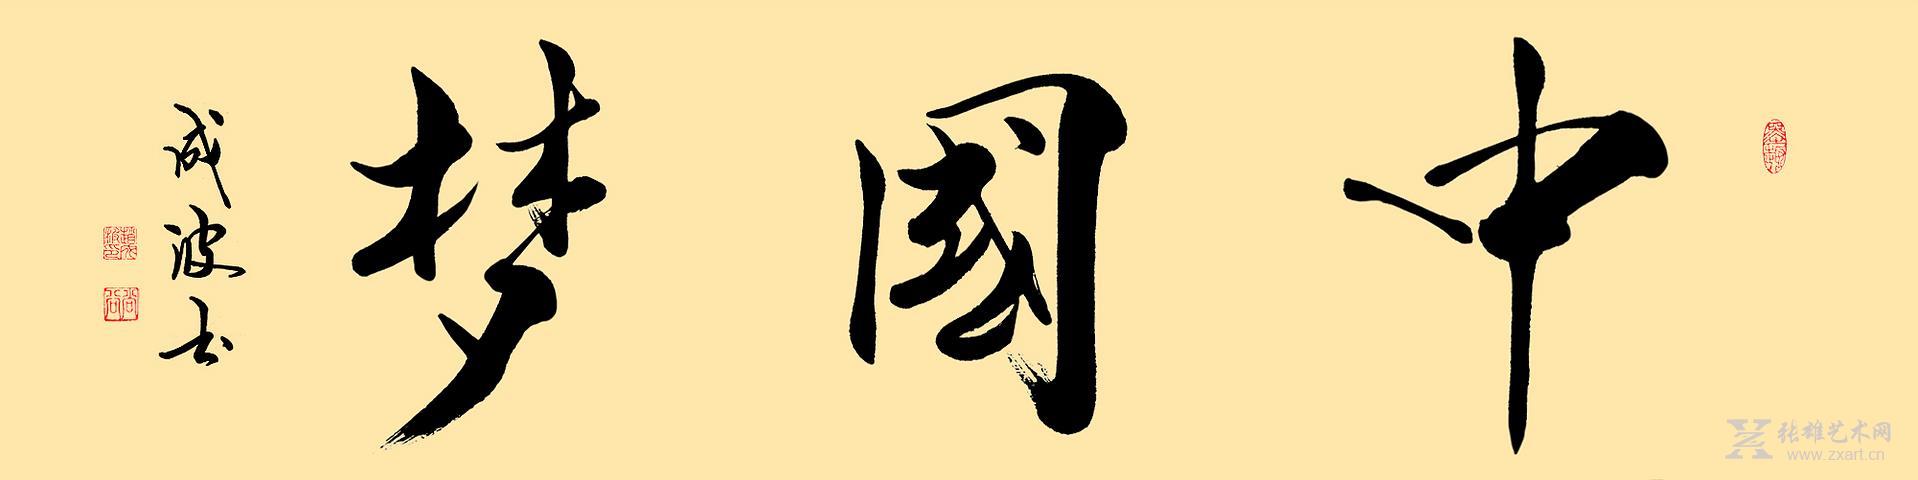 > 《中国梦》行楷 横幅